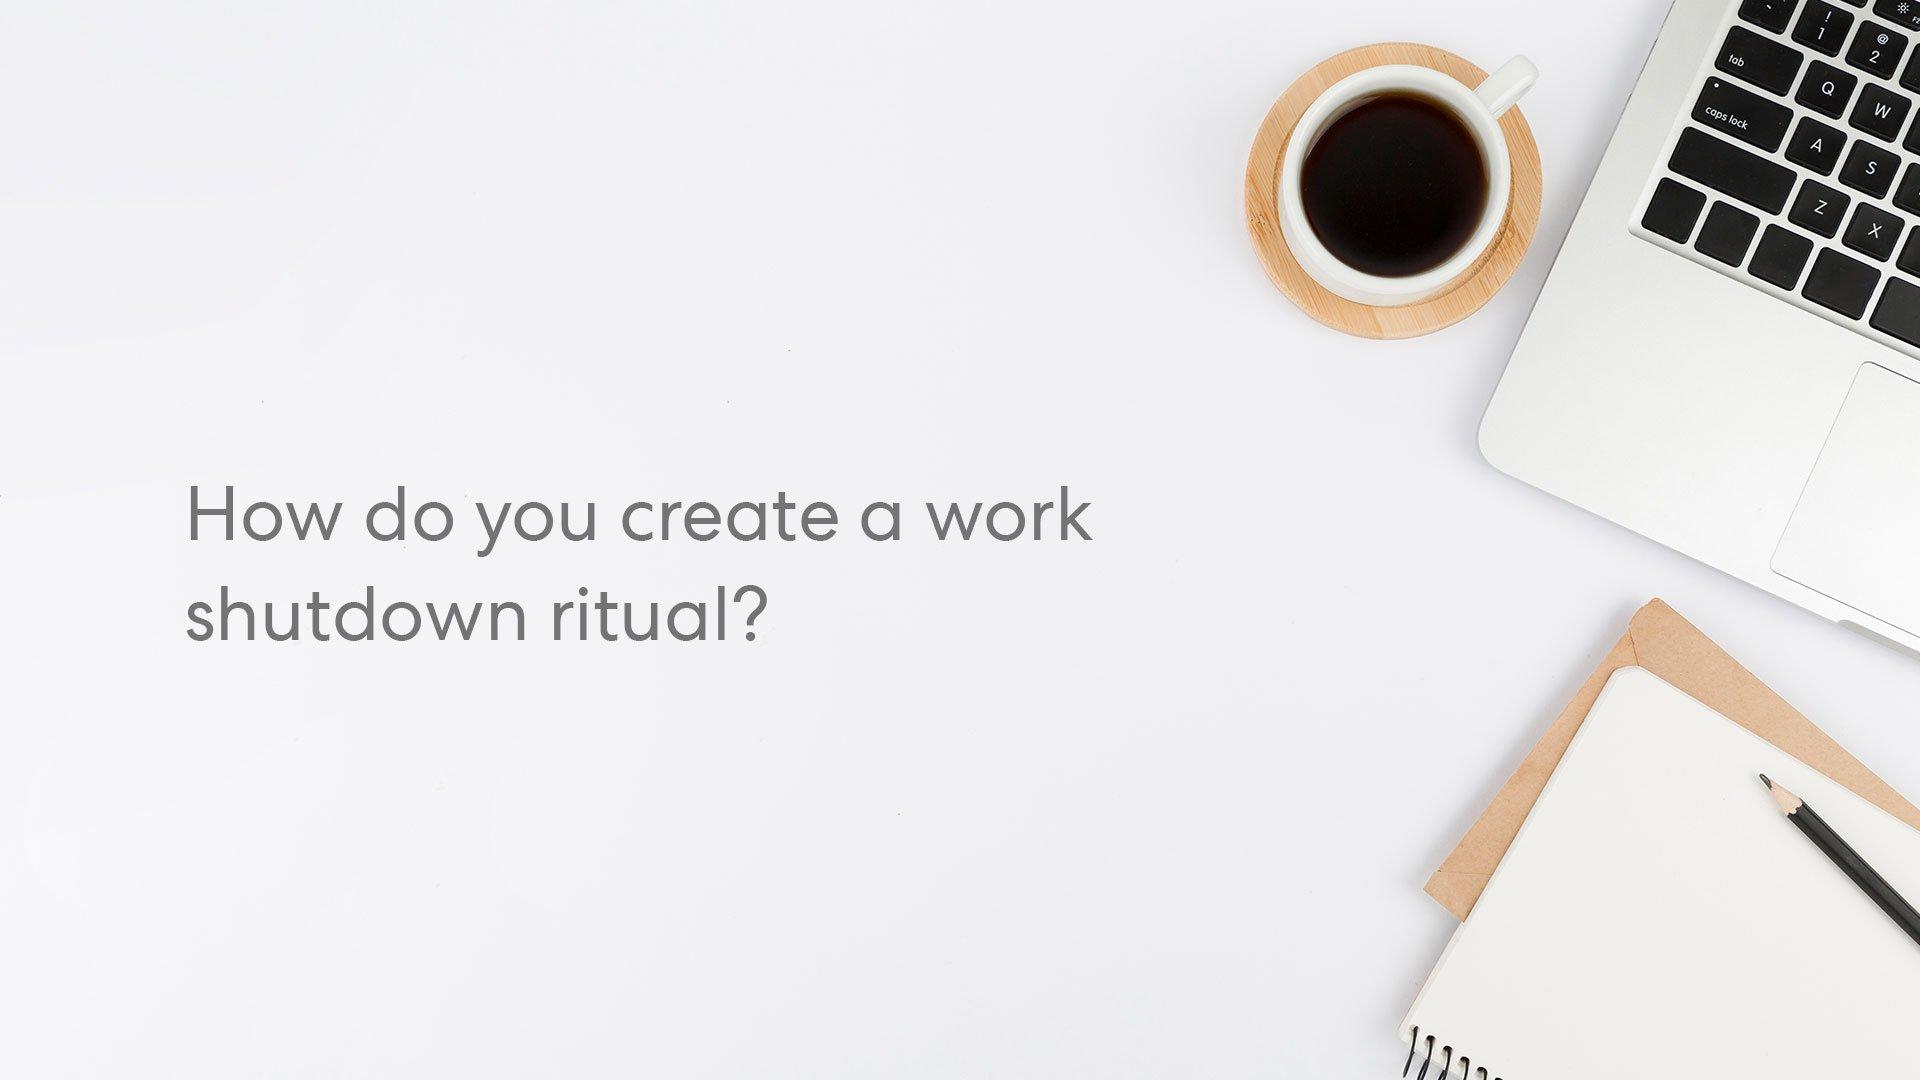 image relates to how to create a work shutdown ritual